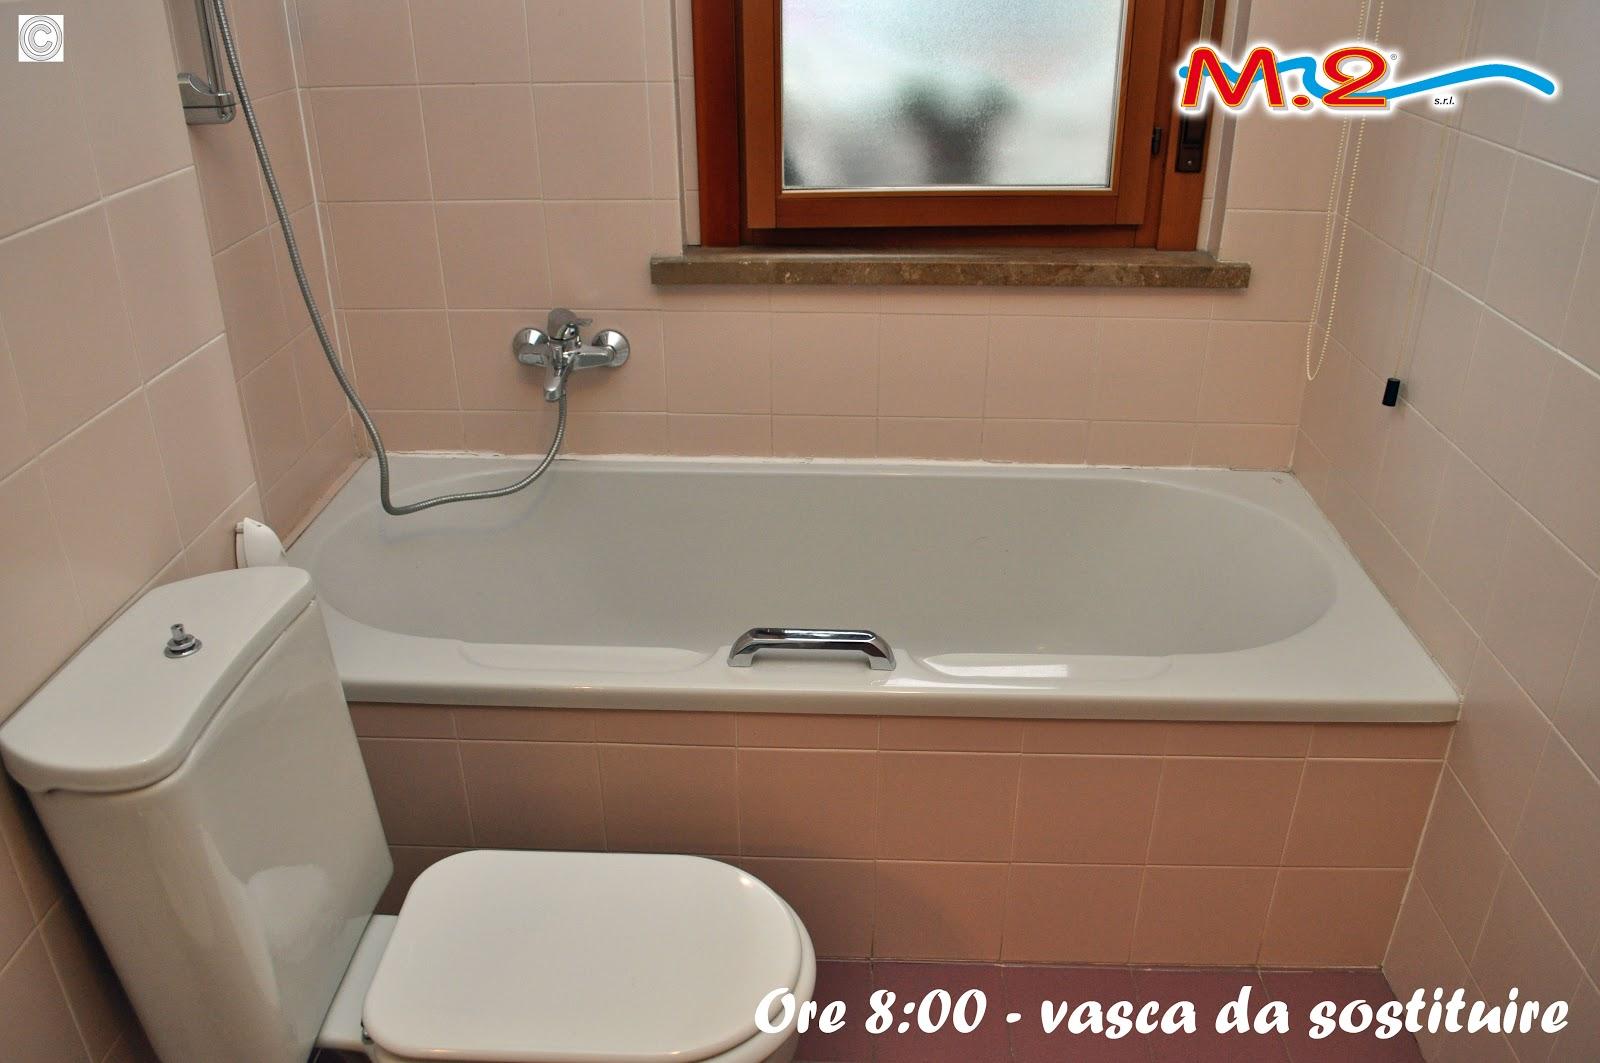 Vasca sotto finestra kl39 pineglen - Sostituzione vasca da bagno ...